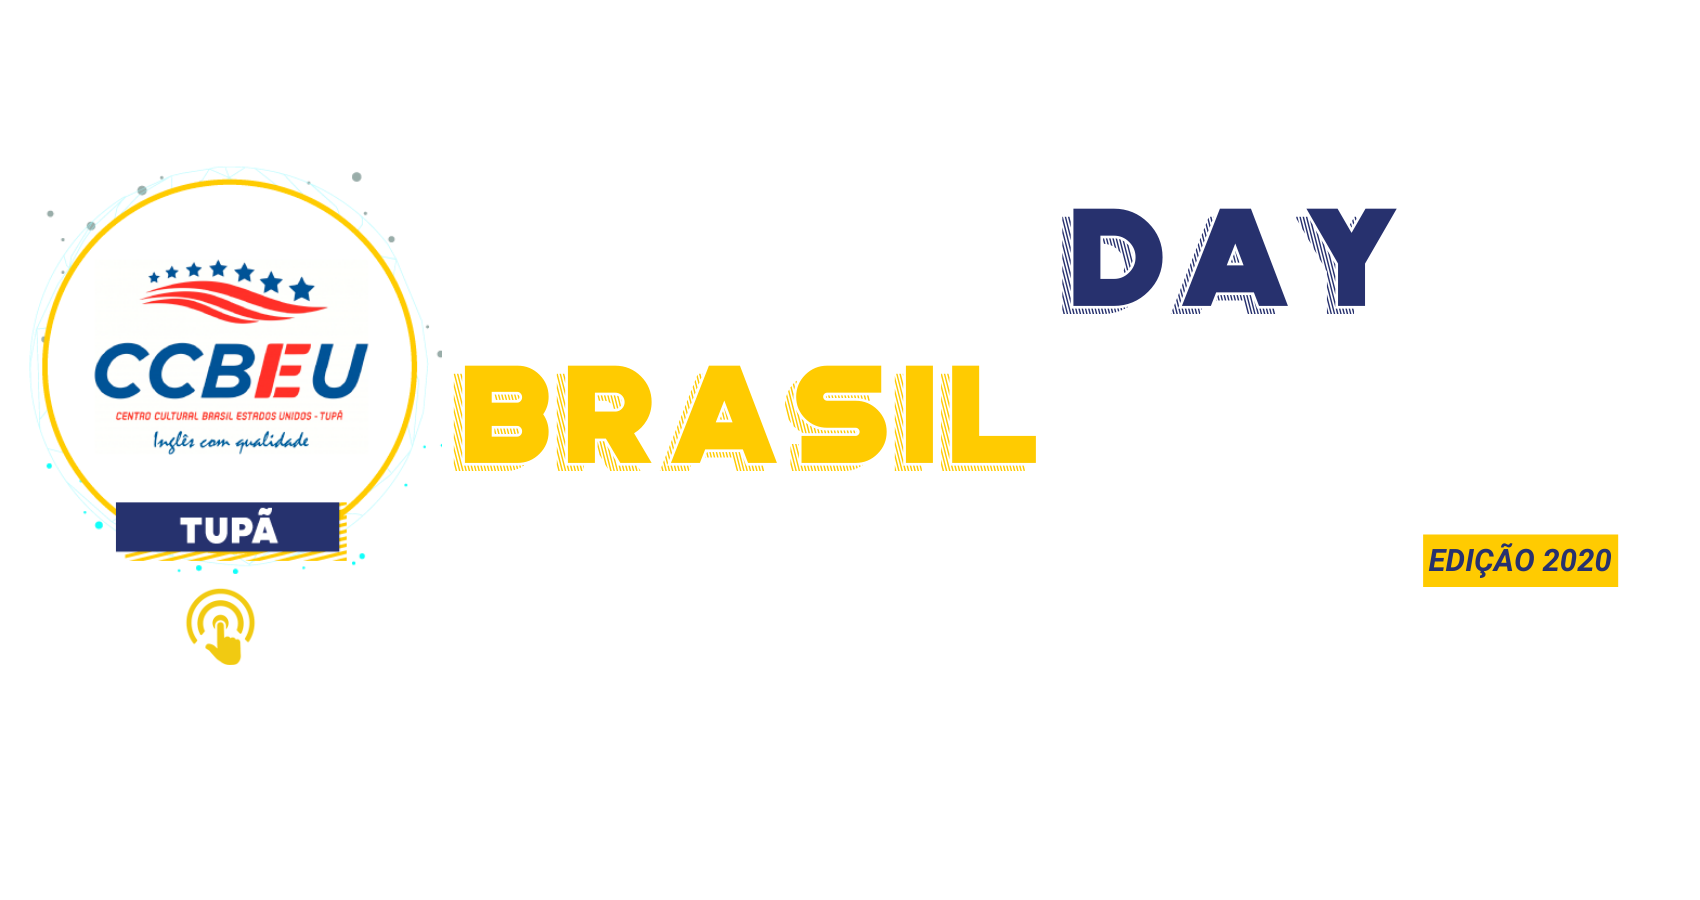 Maker Day Brasil Capa Tupã